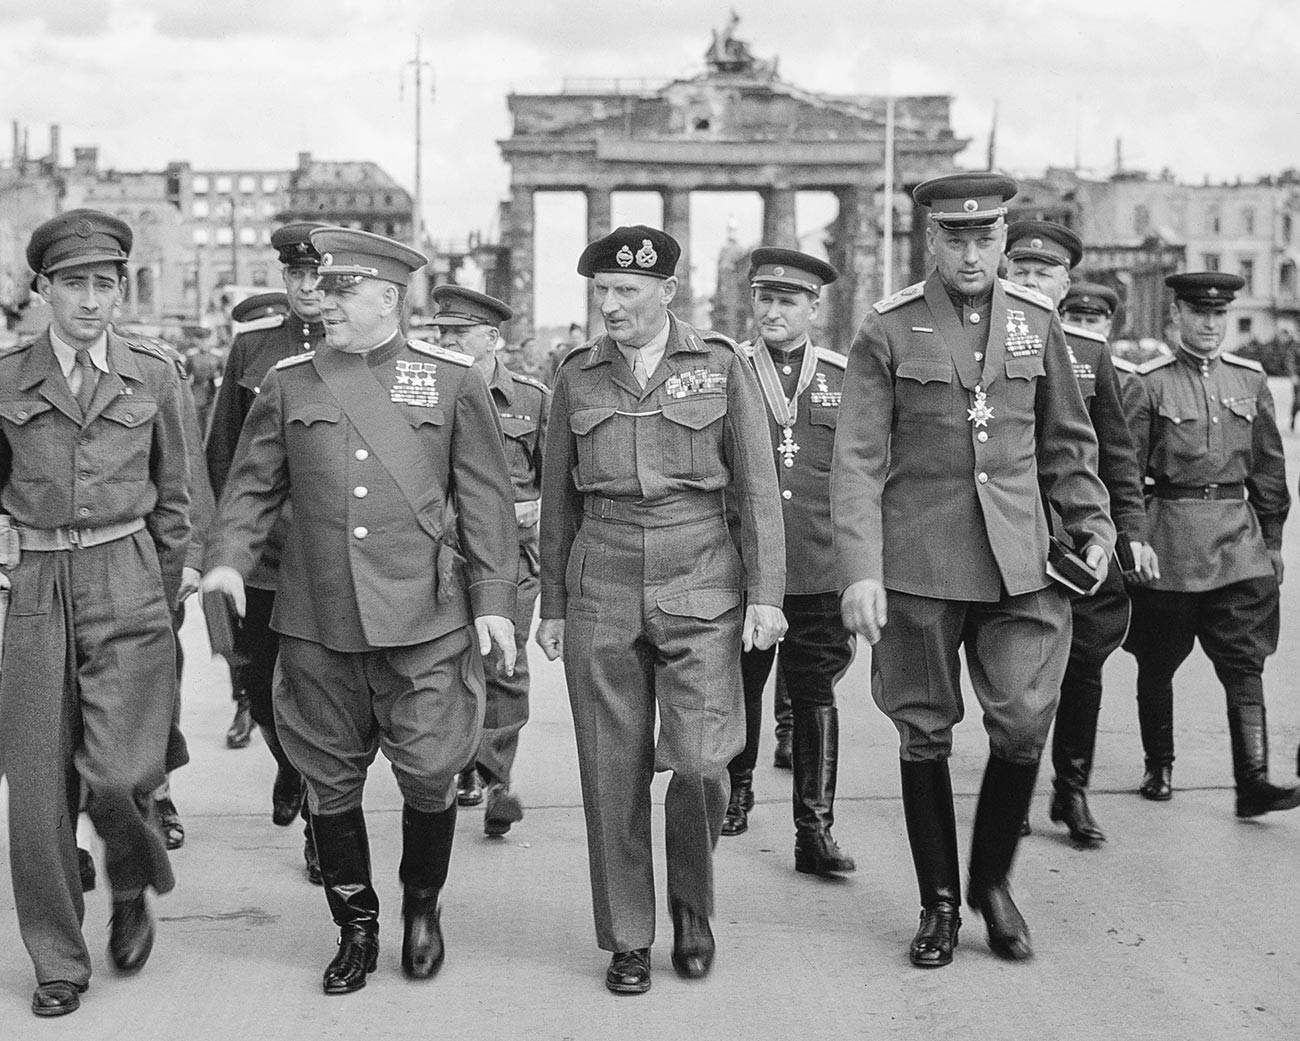 Жуков, Монтгомери и Рокоссовский в Берлине.